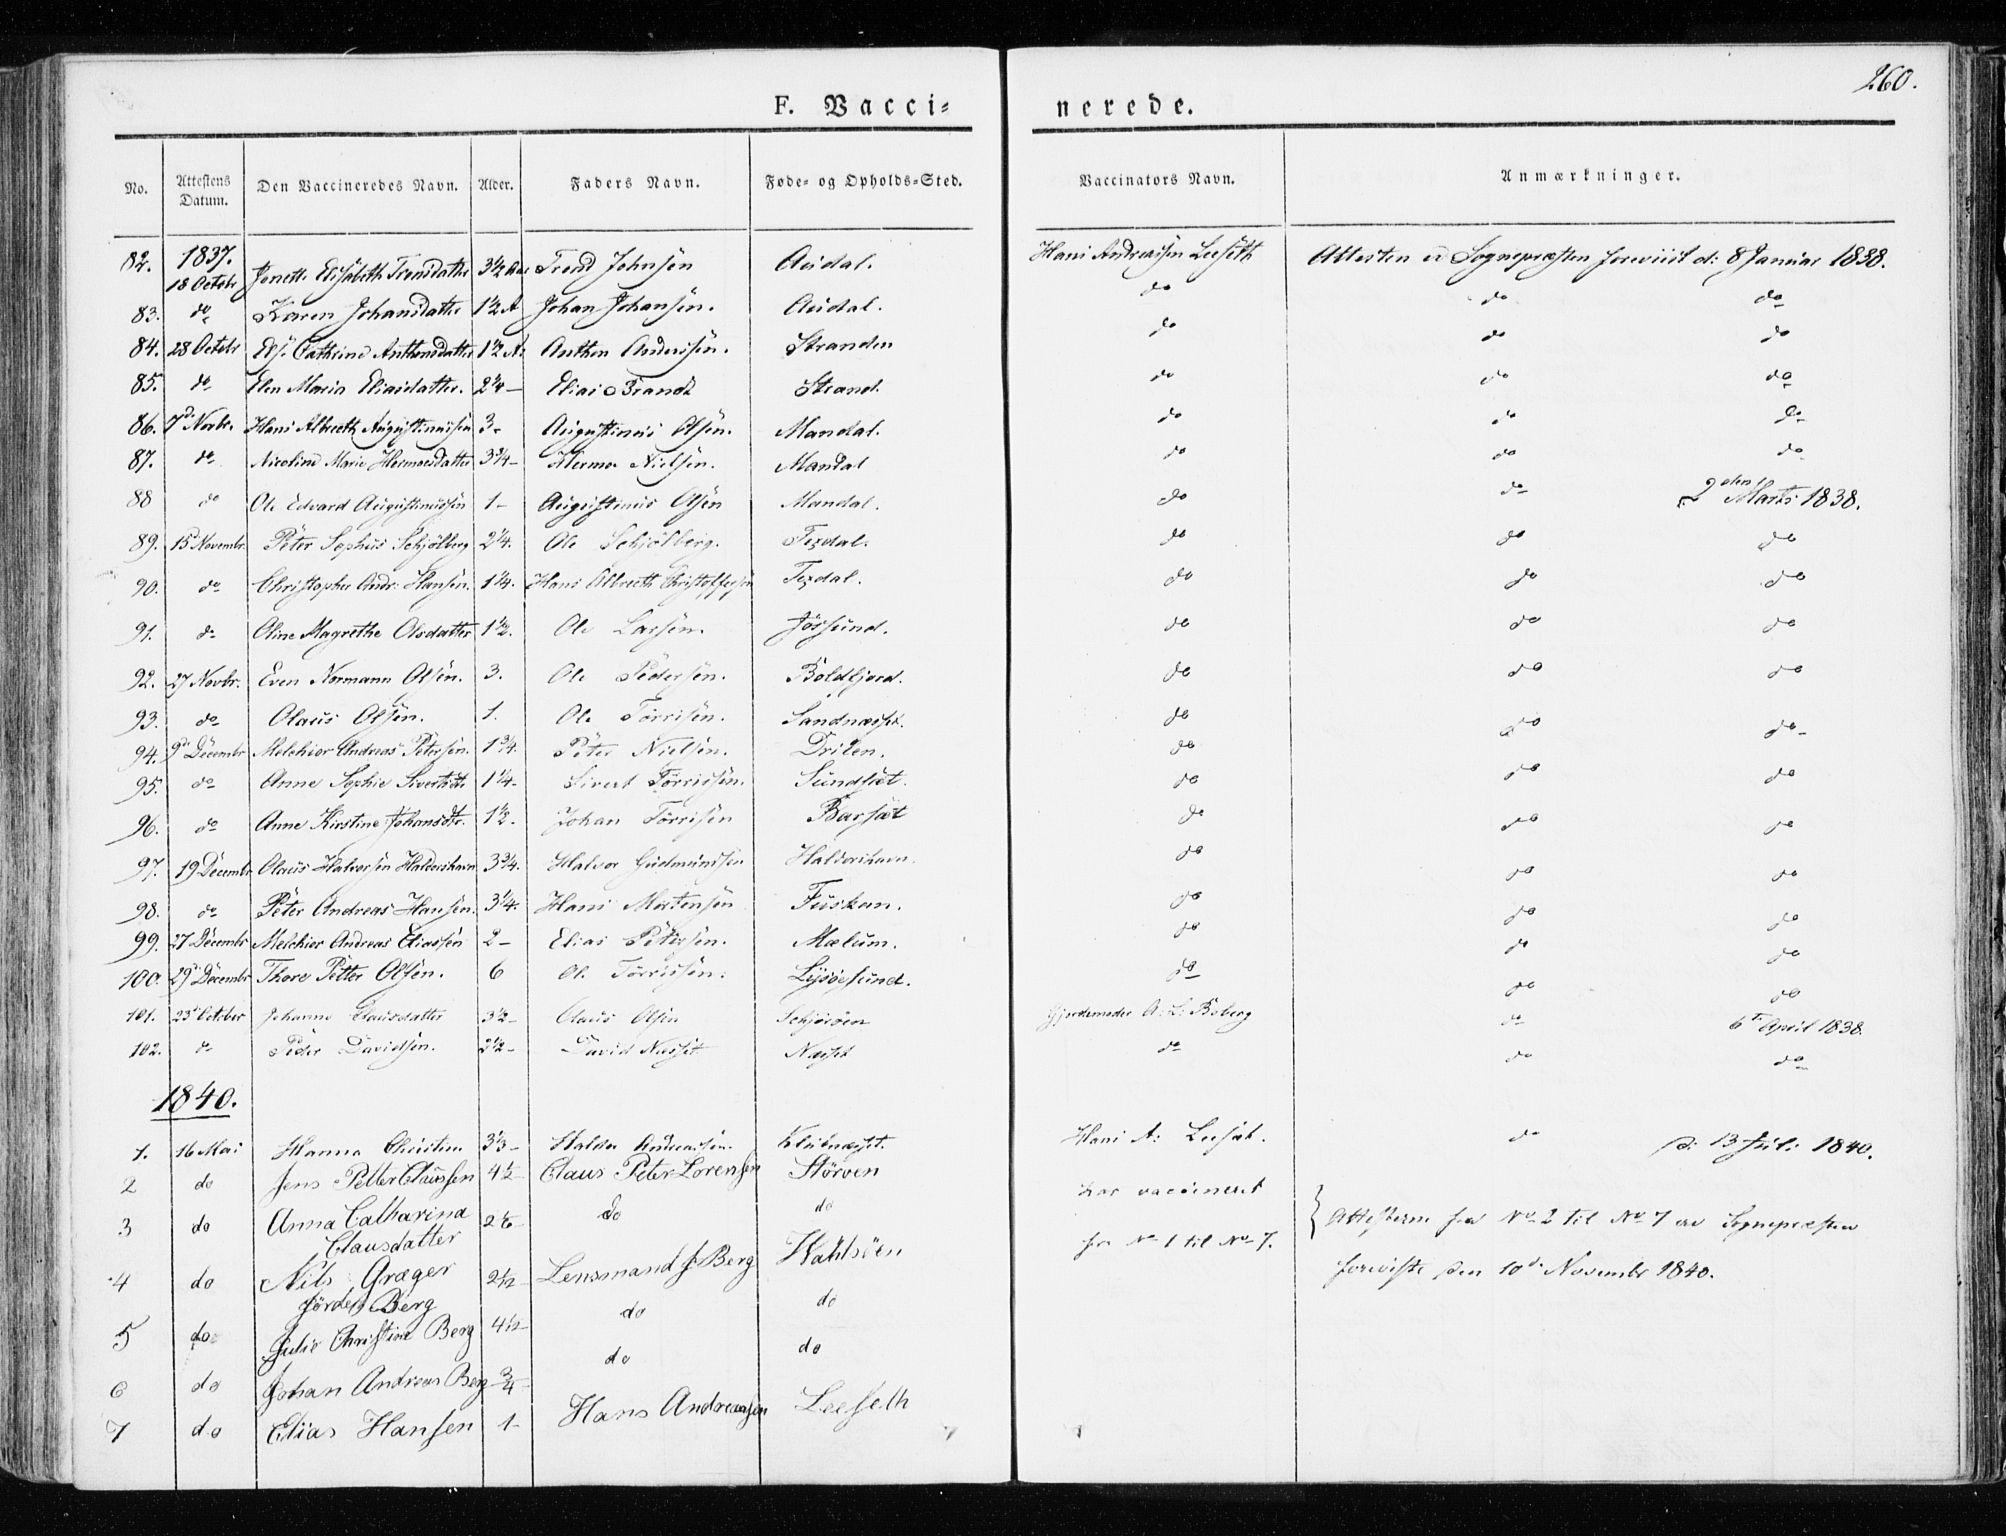 SAT, Ministerialprotokoller, klokkerbøker og fødselsregistre - Sør-Trøndelag, 655/L0676: Ministerialbok nr. 655A05, 1830-1847, s. 260